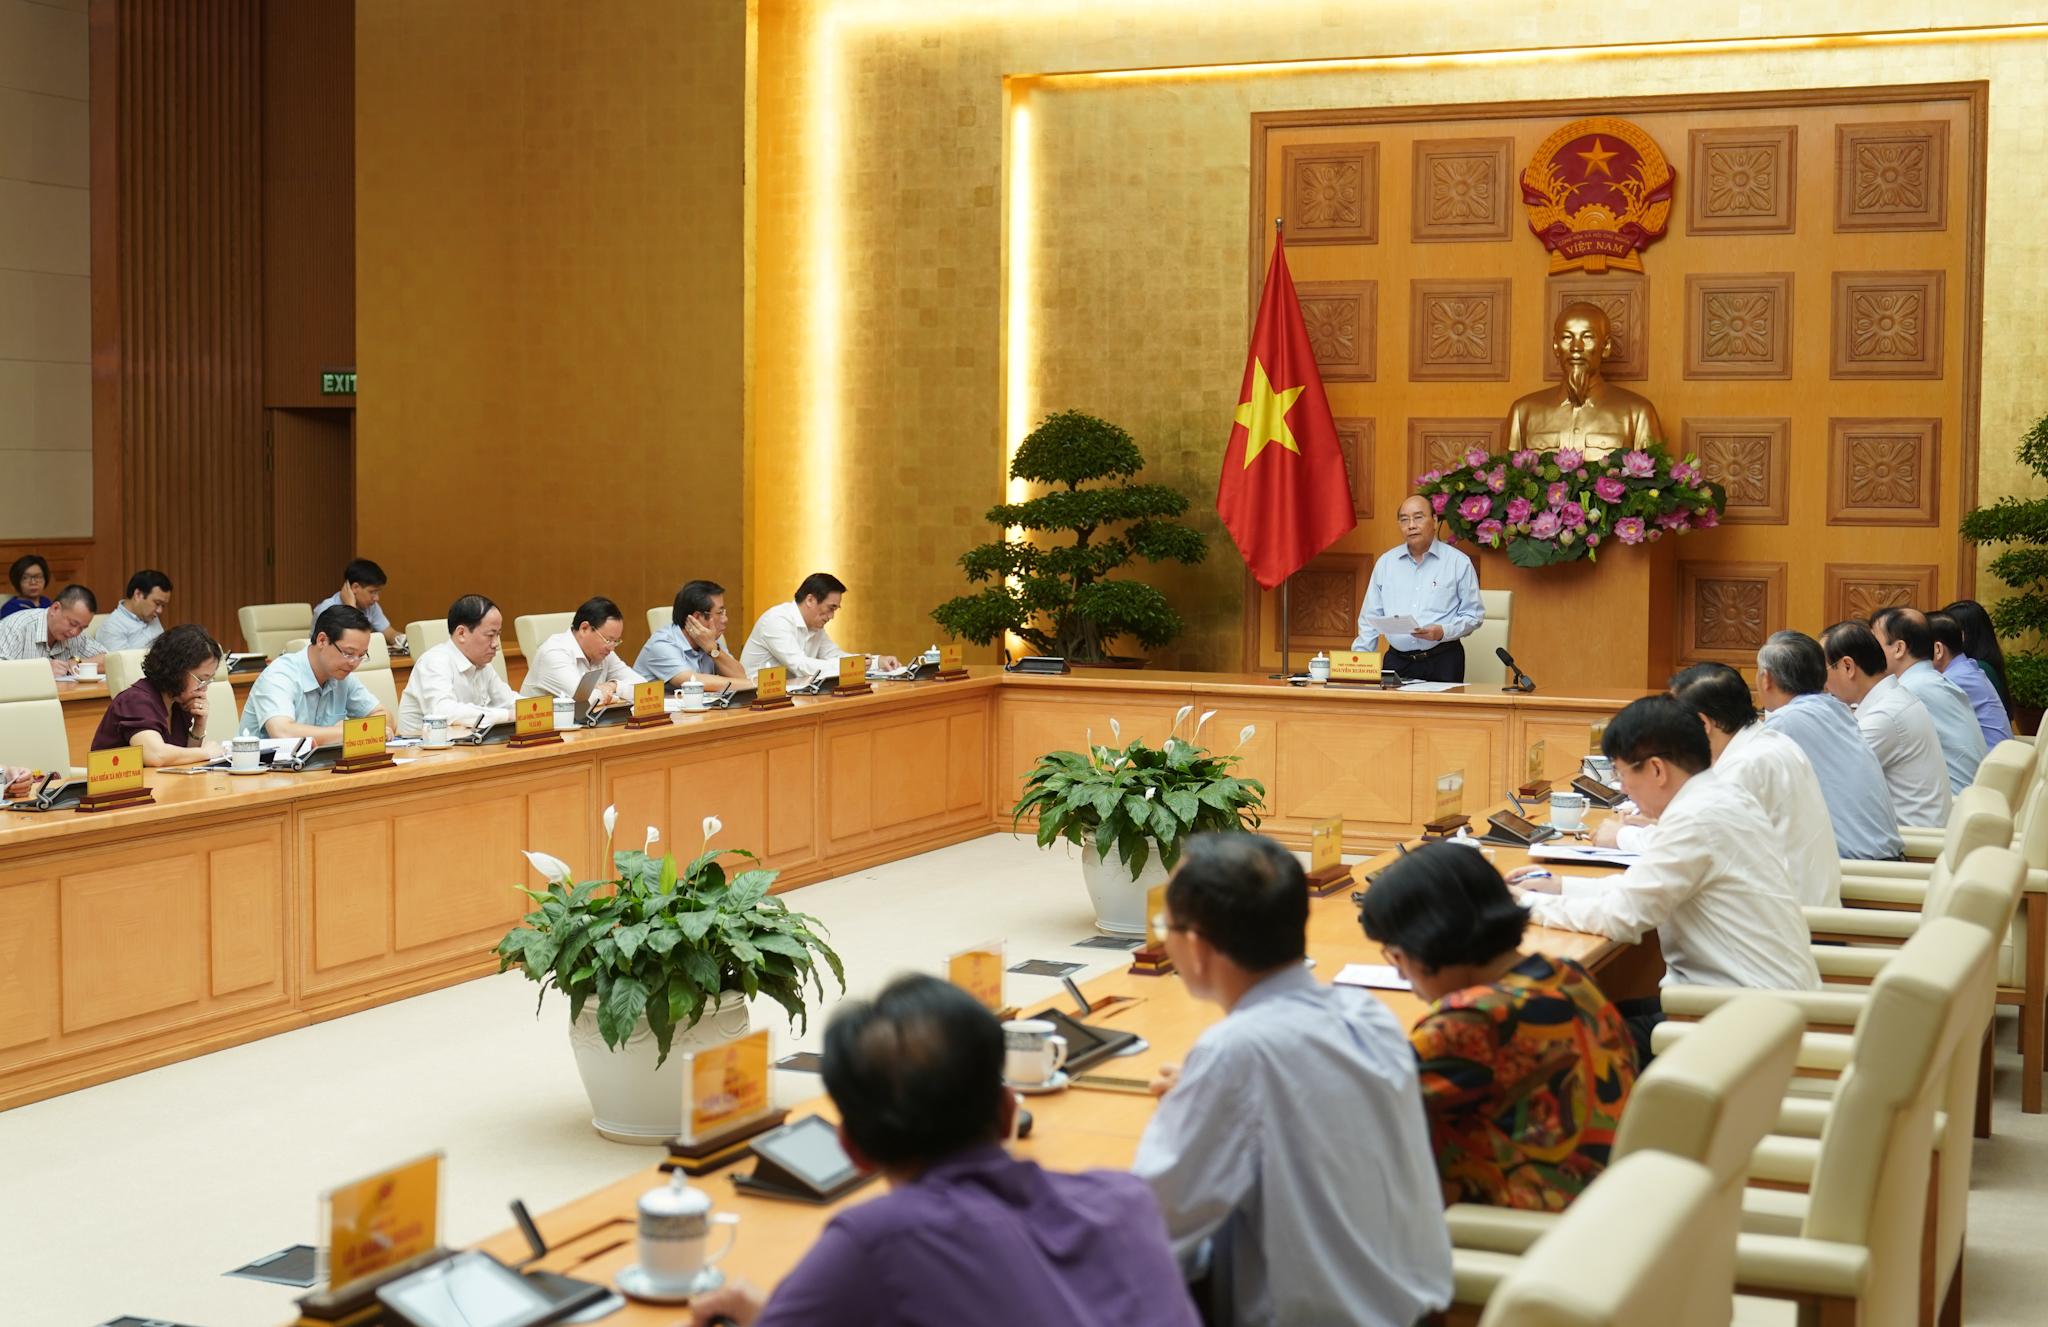 Thủ tướng Nguyễn Xuân Phúc: 'Tăng trưởng mà để lạm phát cao là thất bại' - Ảnh 1.